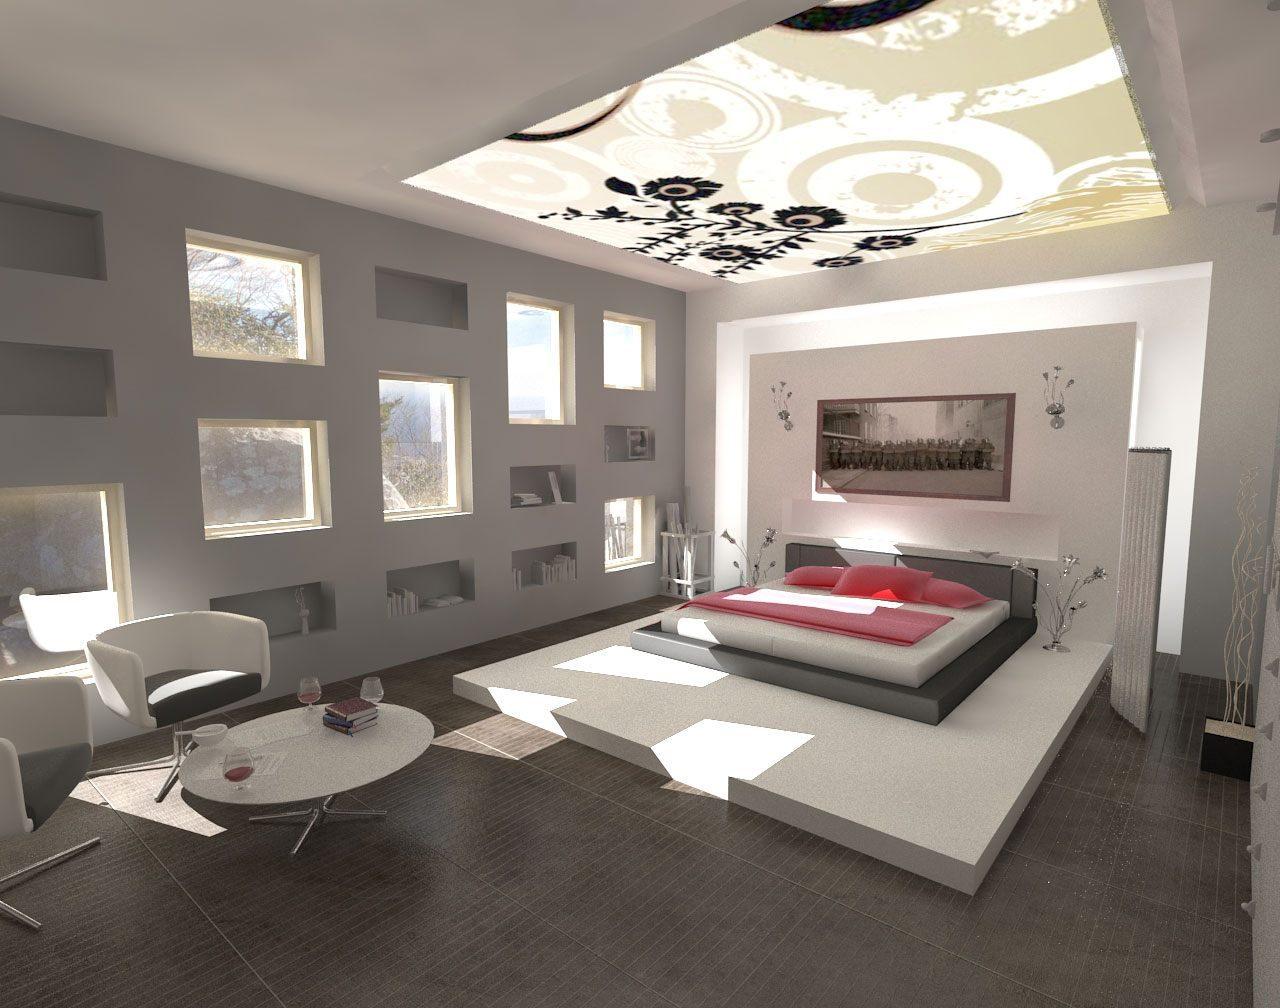 Galer a de im genes decoraci n de habitaciones modernas - Habitaciones decoracion moderna ...